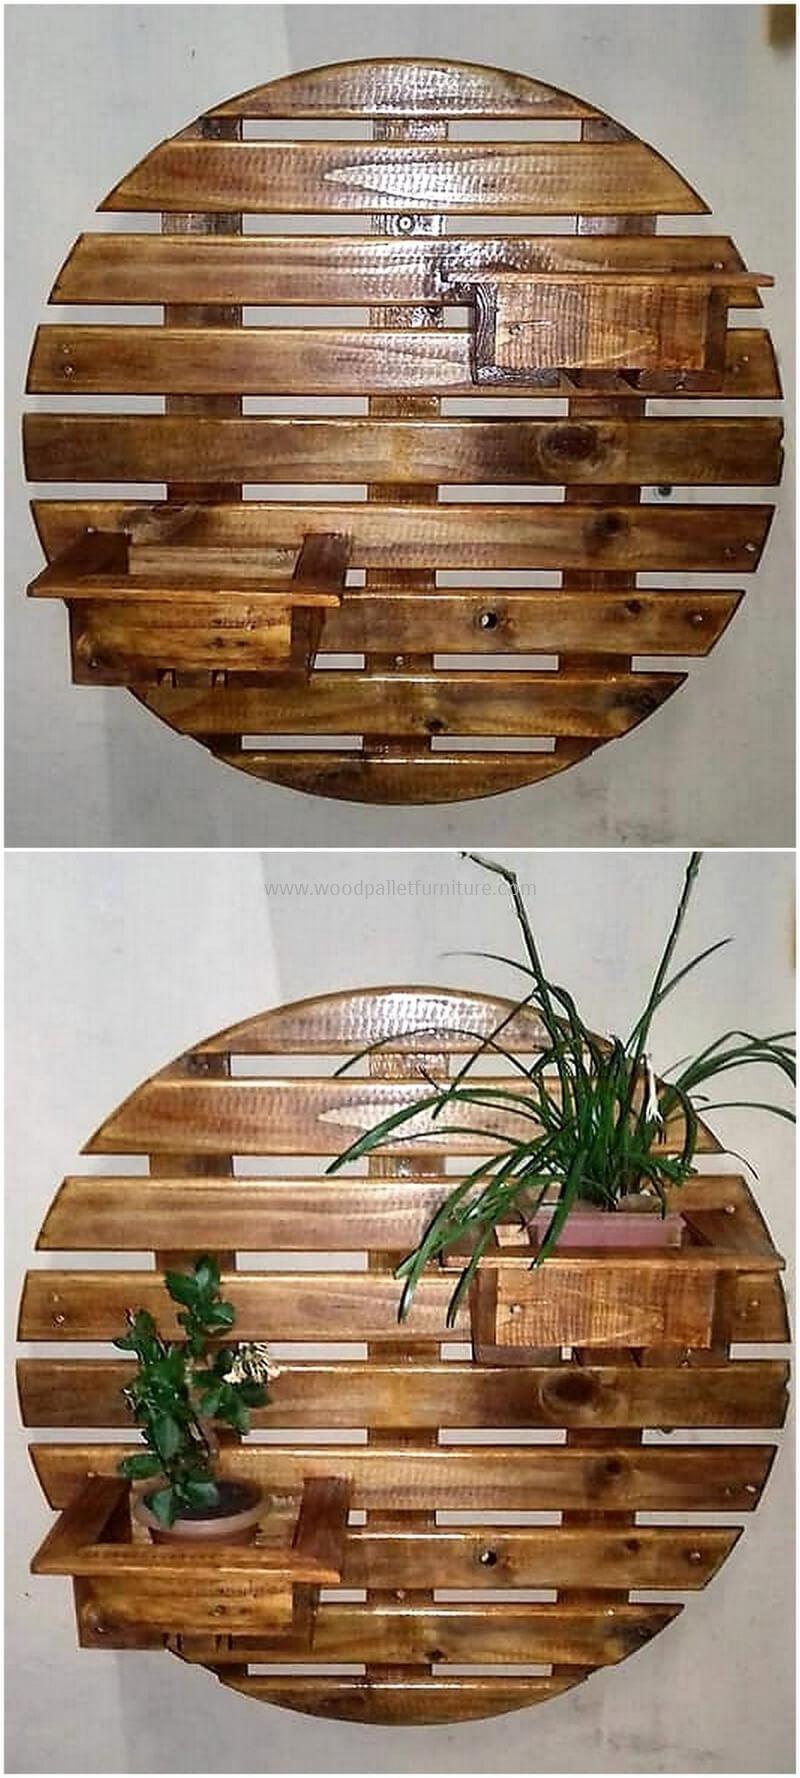 Pallet wall planters designs baú de idéias pinterest pallets